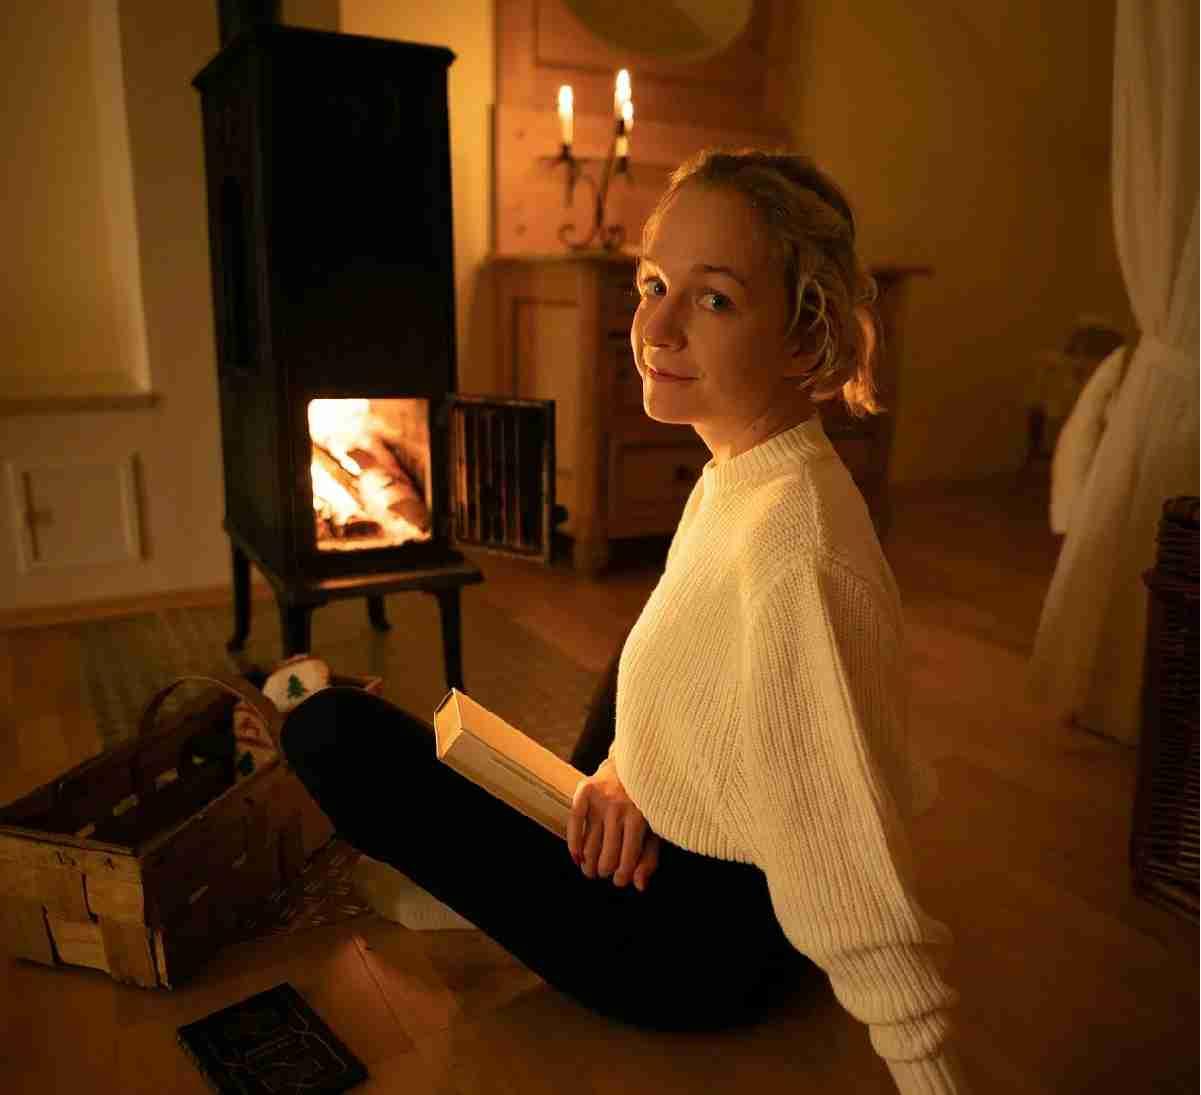 Муж-москвич прописывает жену в своей квартире только временно